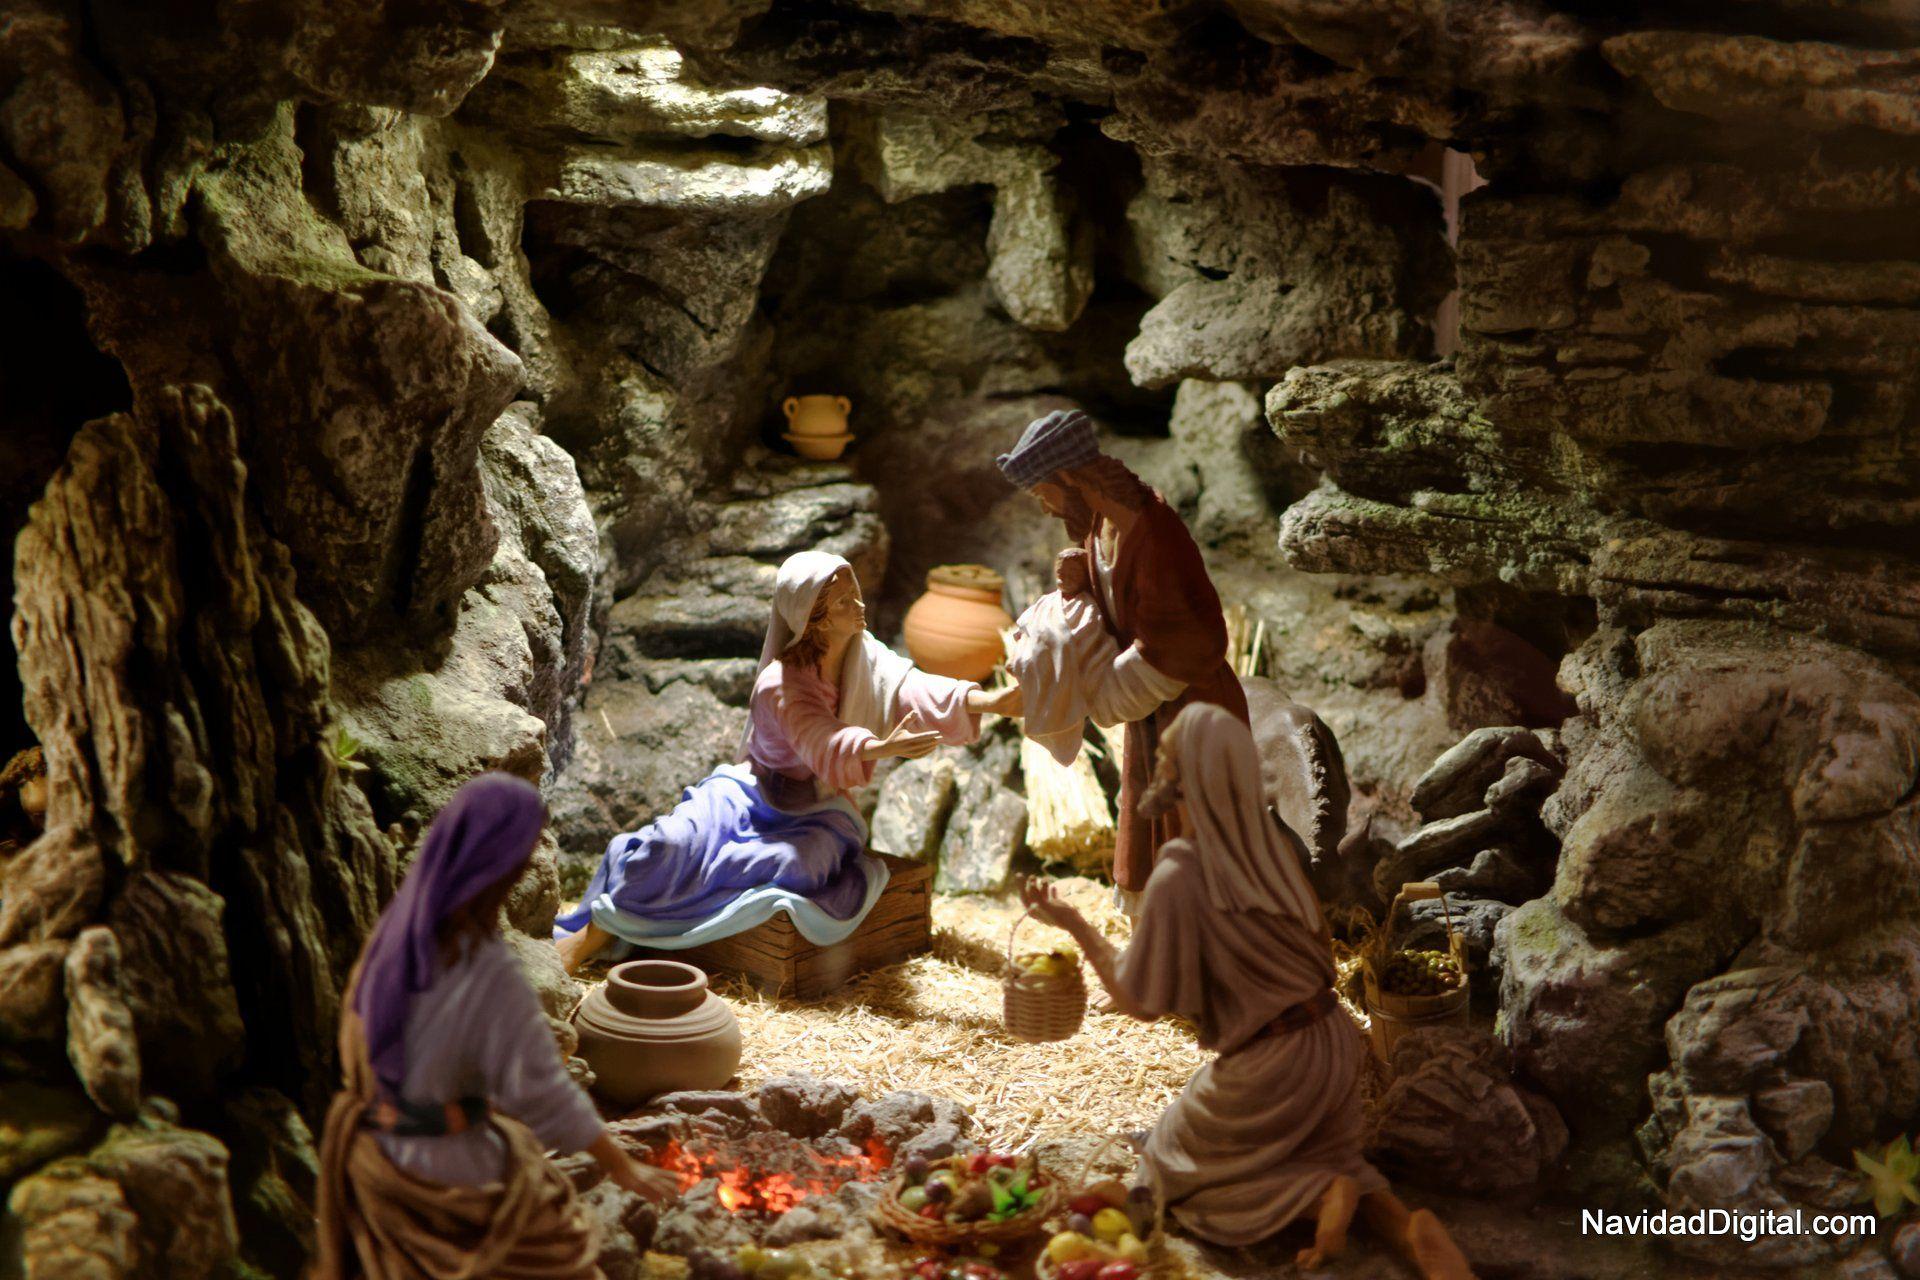 Imagenes de nacimientos navide os en hd buscar con - Dibujos de nacimientos de navidad ...